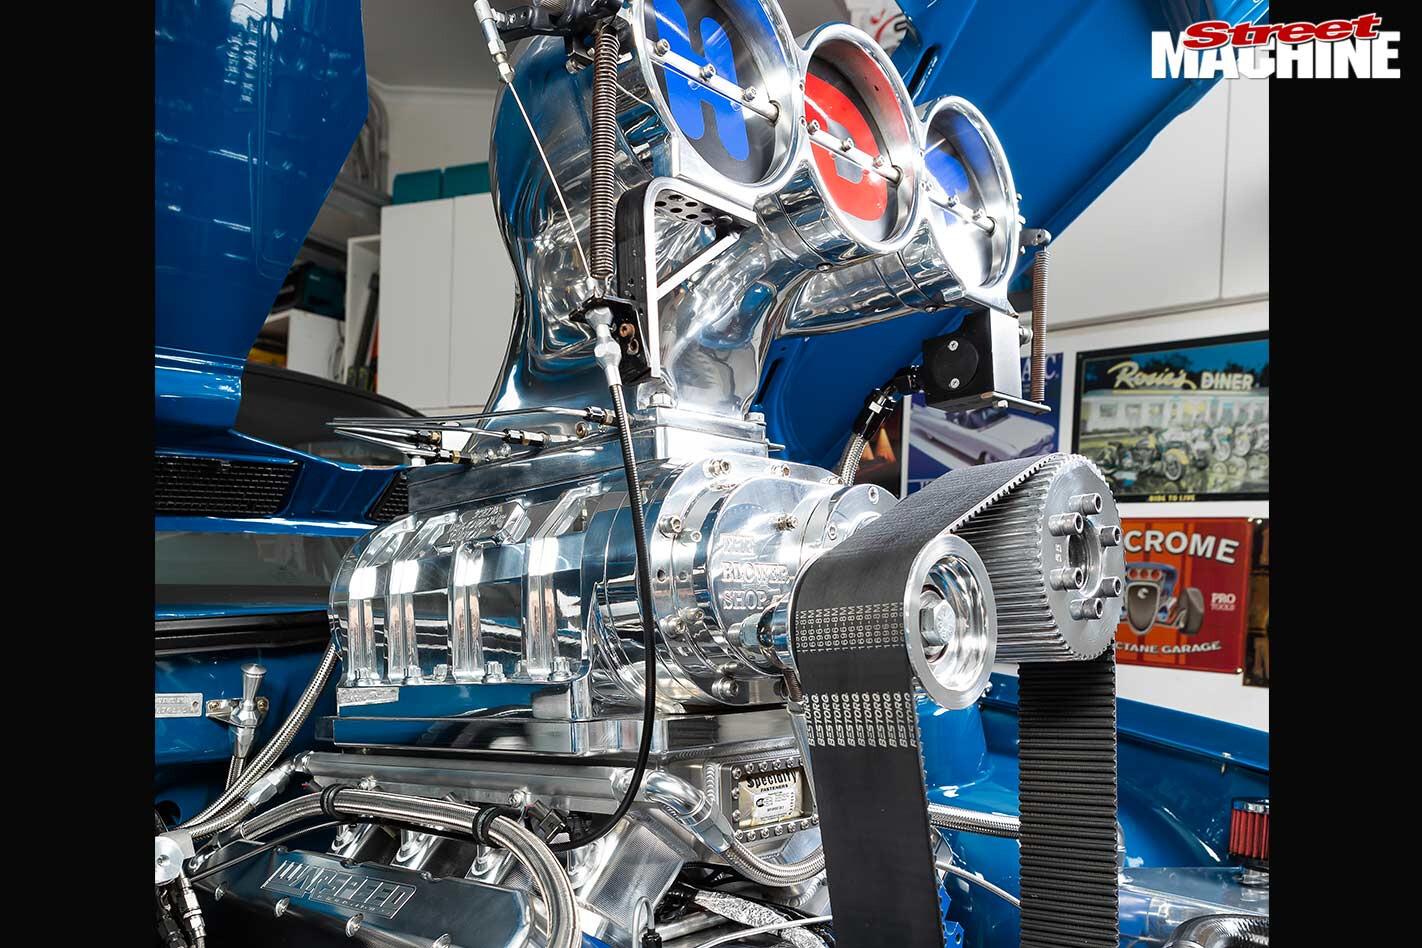 Tony Murr hot rod engine